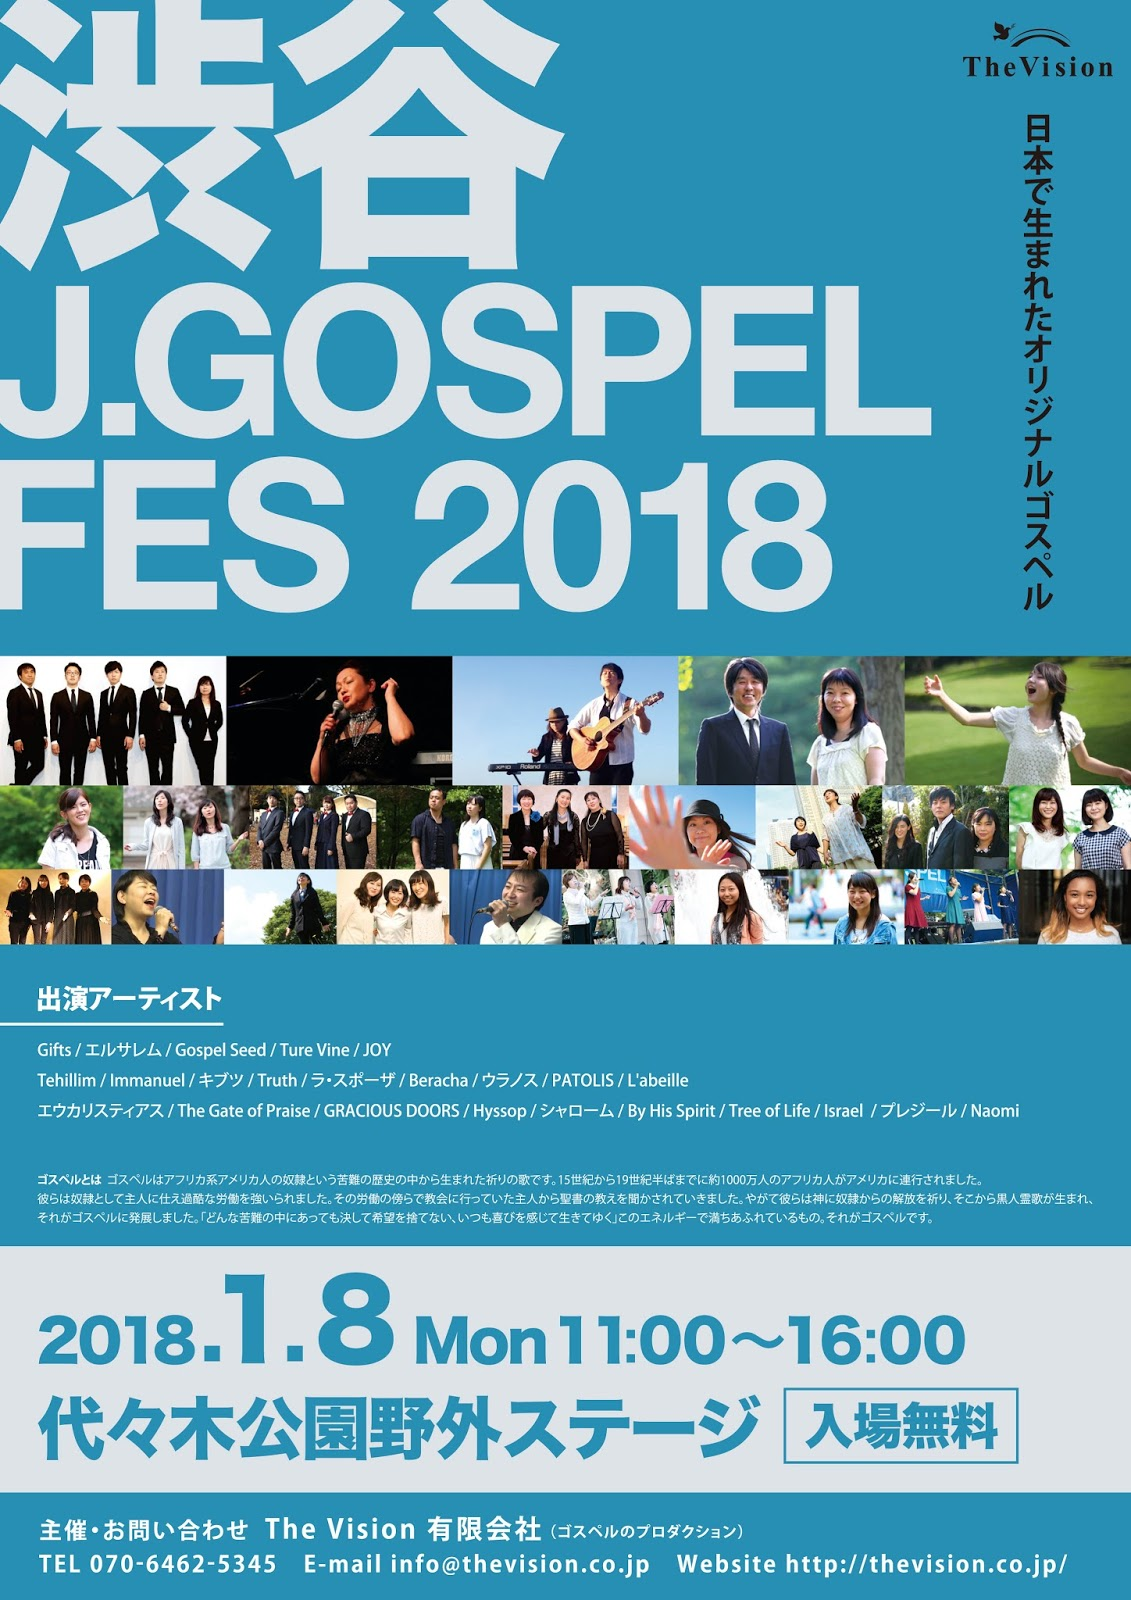 日本で生まれたオリジナルゴスペル 渋谷J.GOSPEL FES 2018